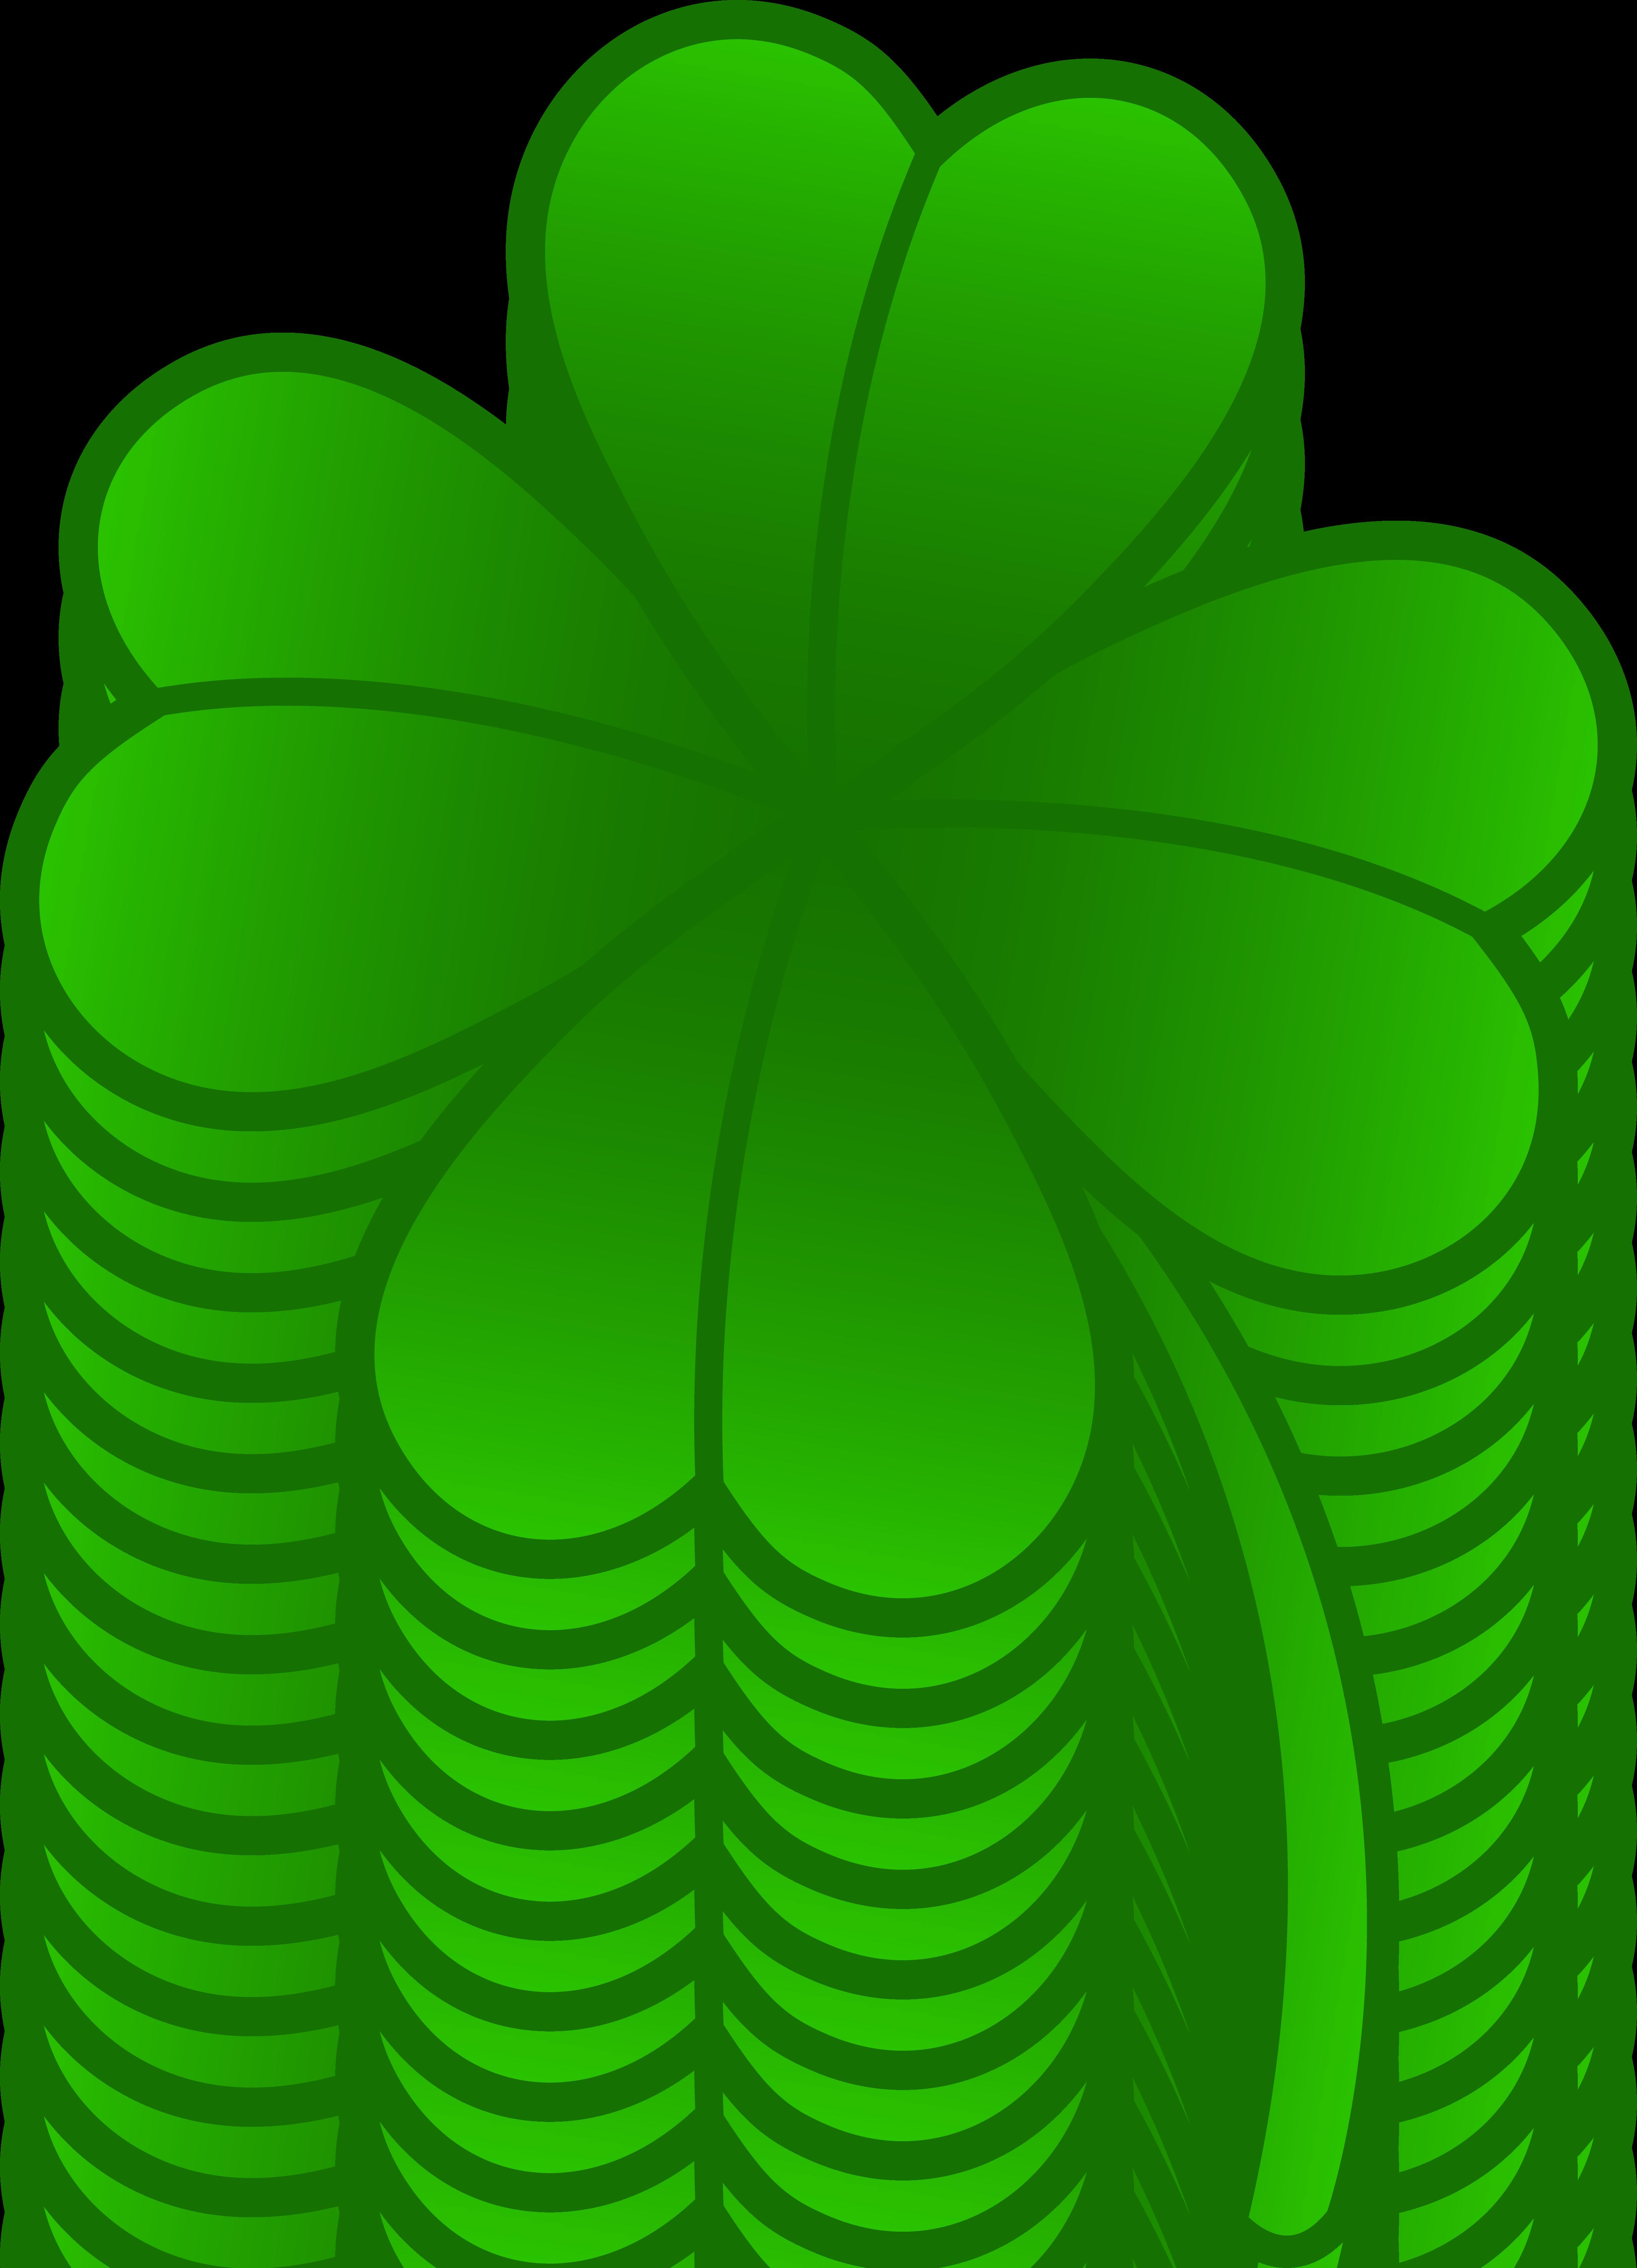 4865x6742 Green Four Leaf Clover